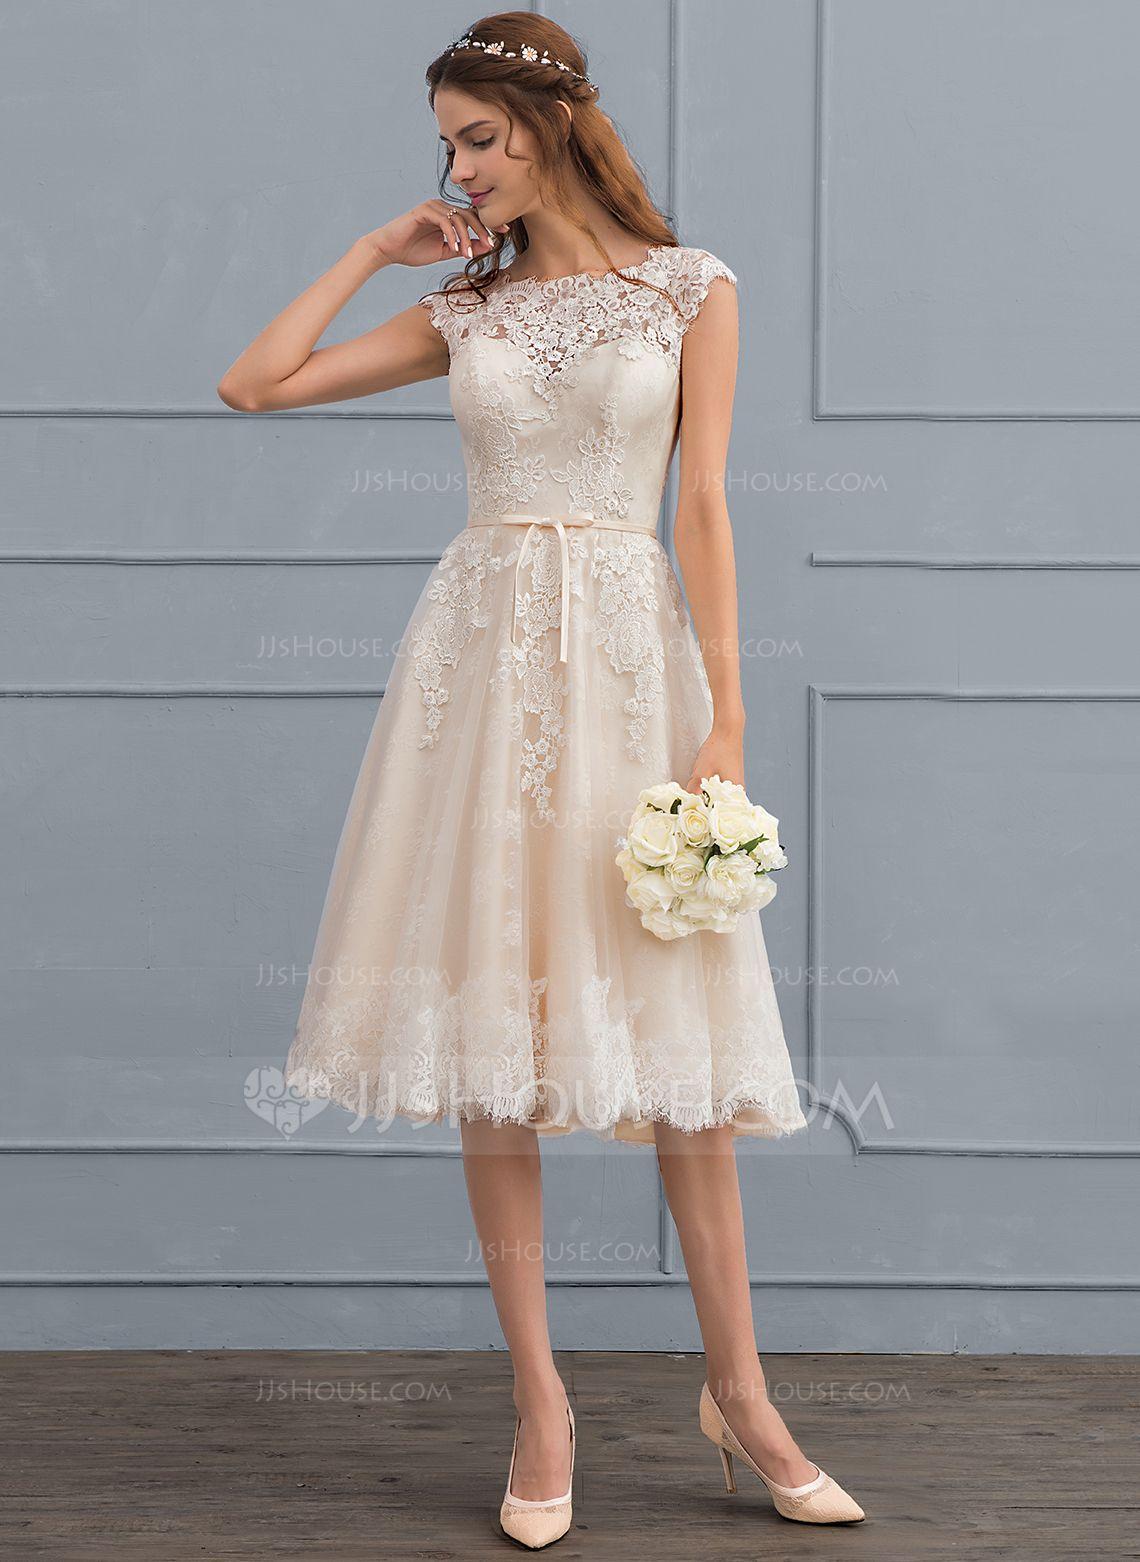 Ähnliches Foto | Brautkleid | Pinterest | Tulle lace, Wedding party ...